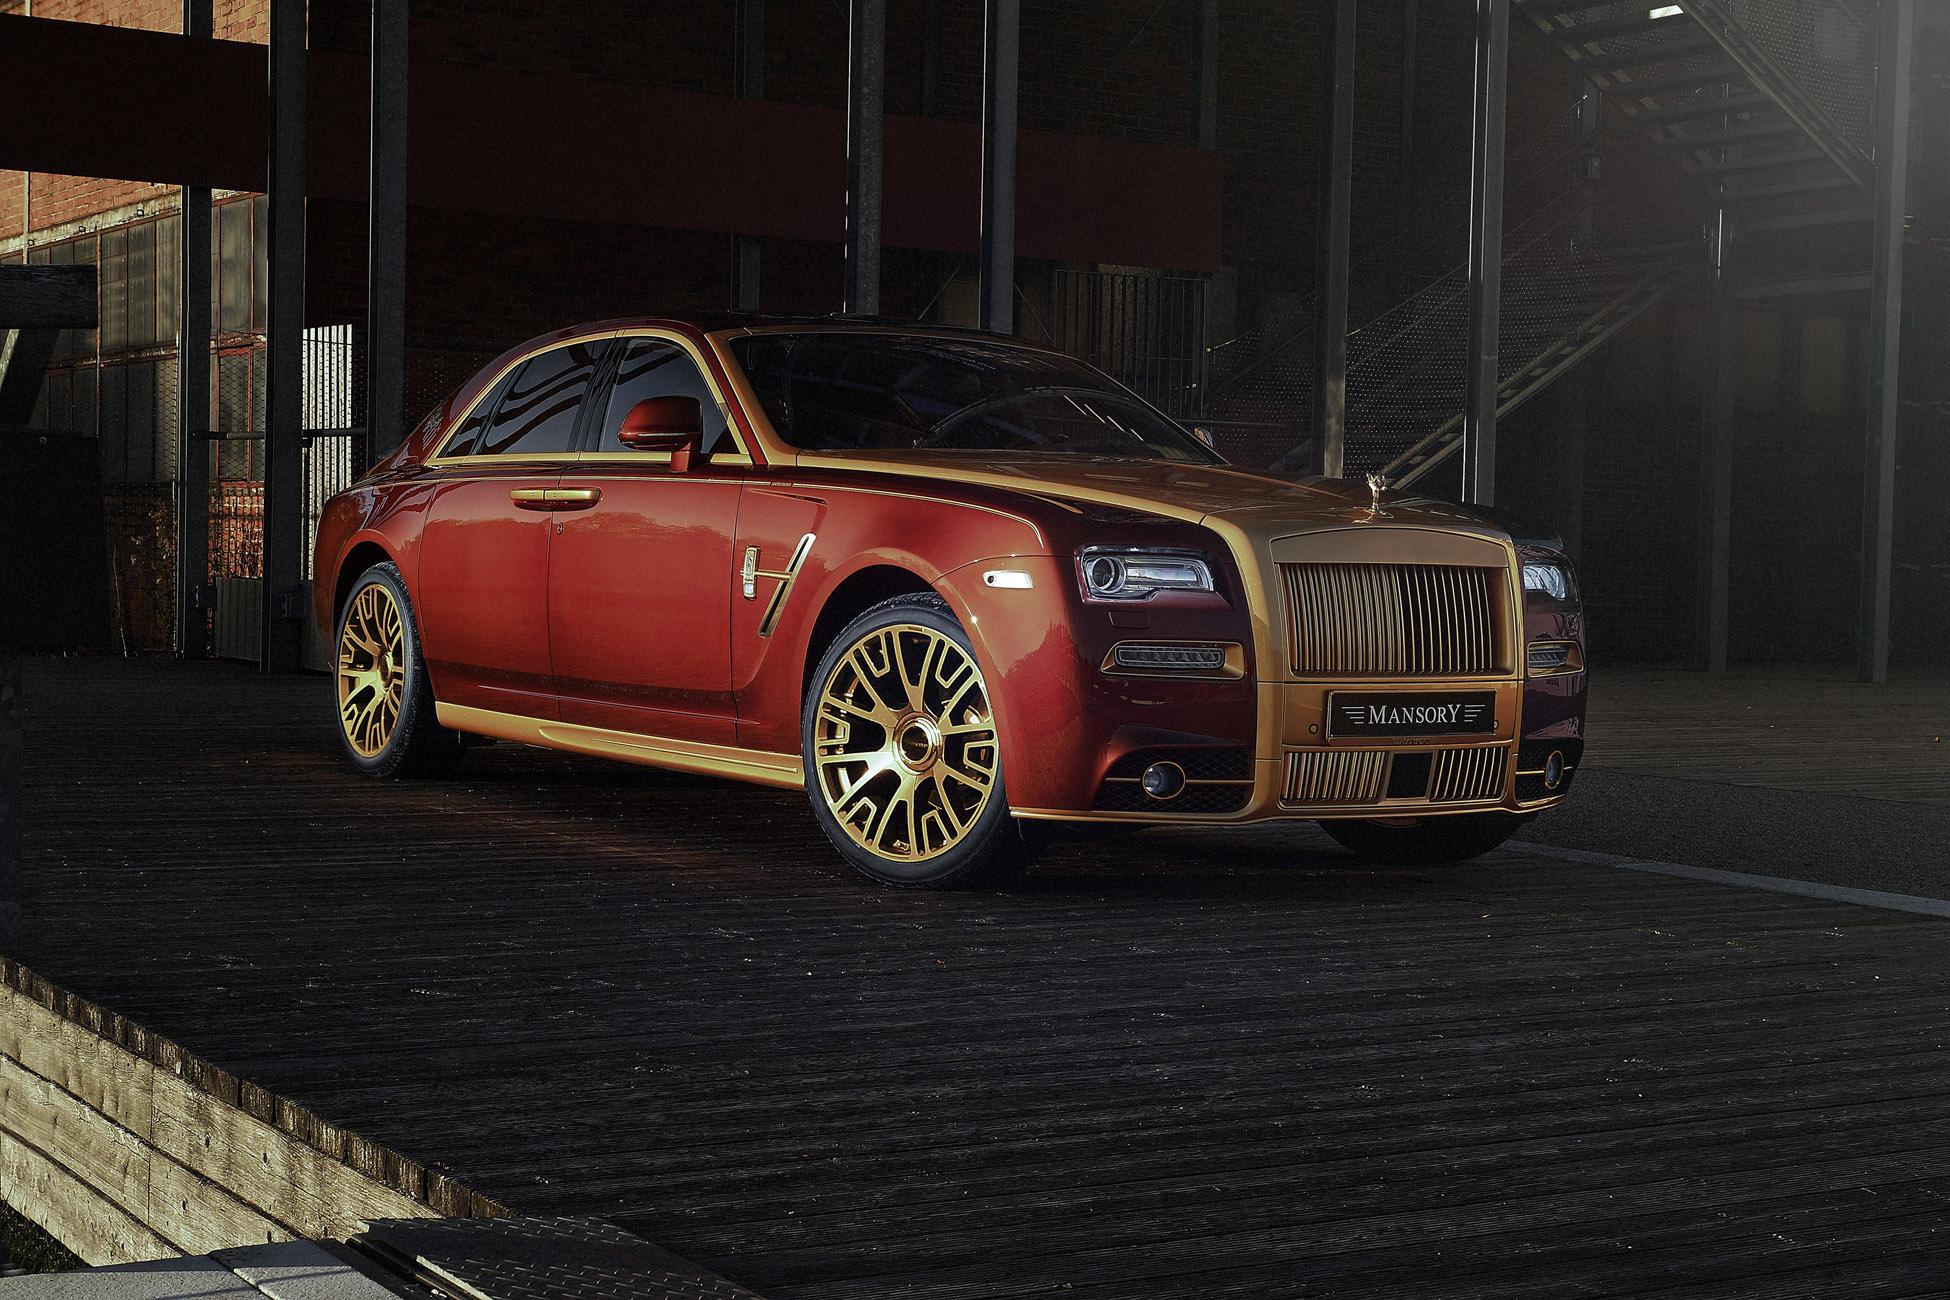 2014 Mansory Rolls-Royce Ghost II